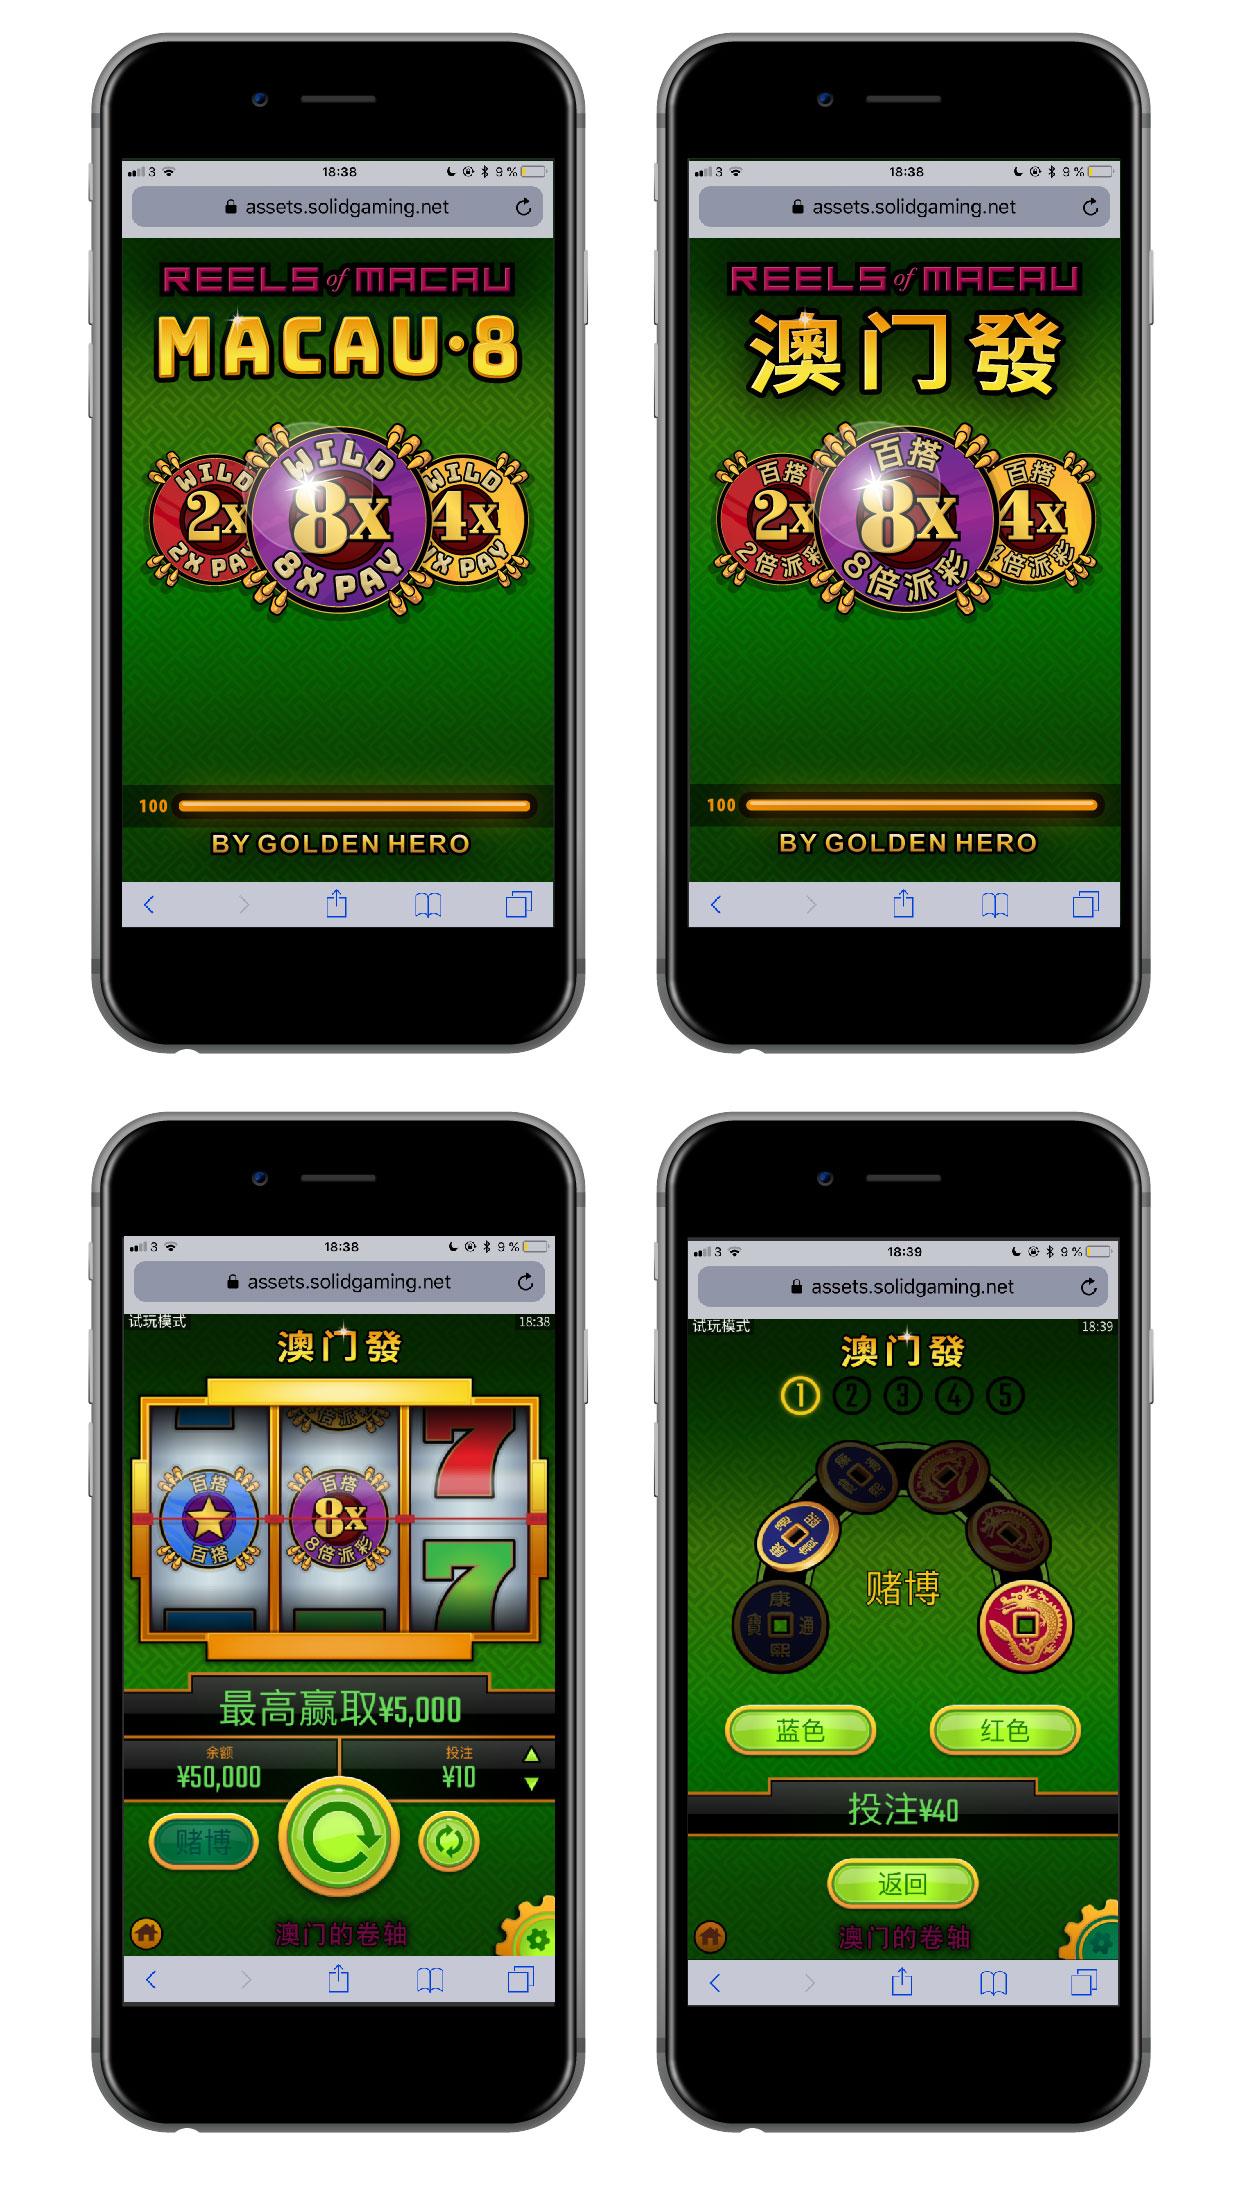 Macau 8 Slot Machine